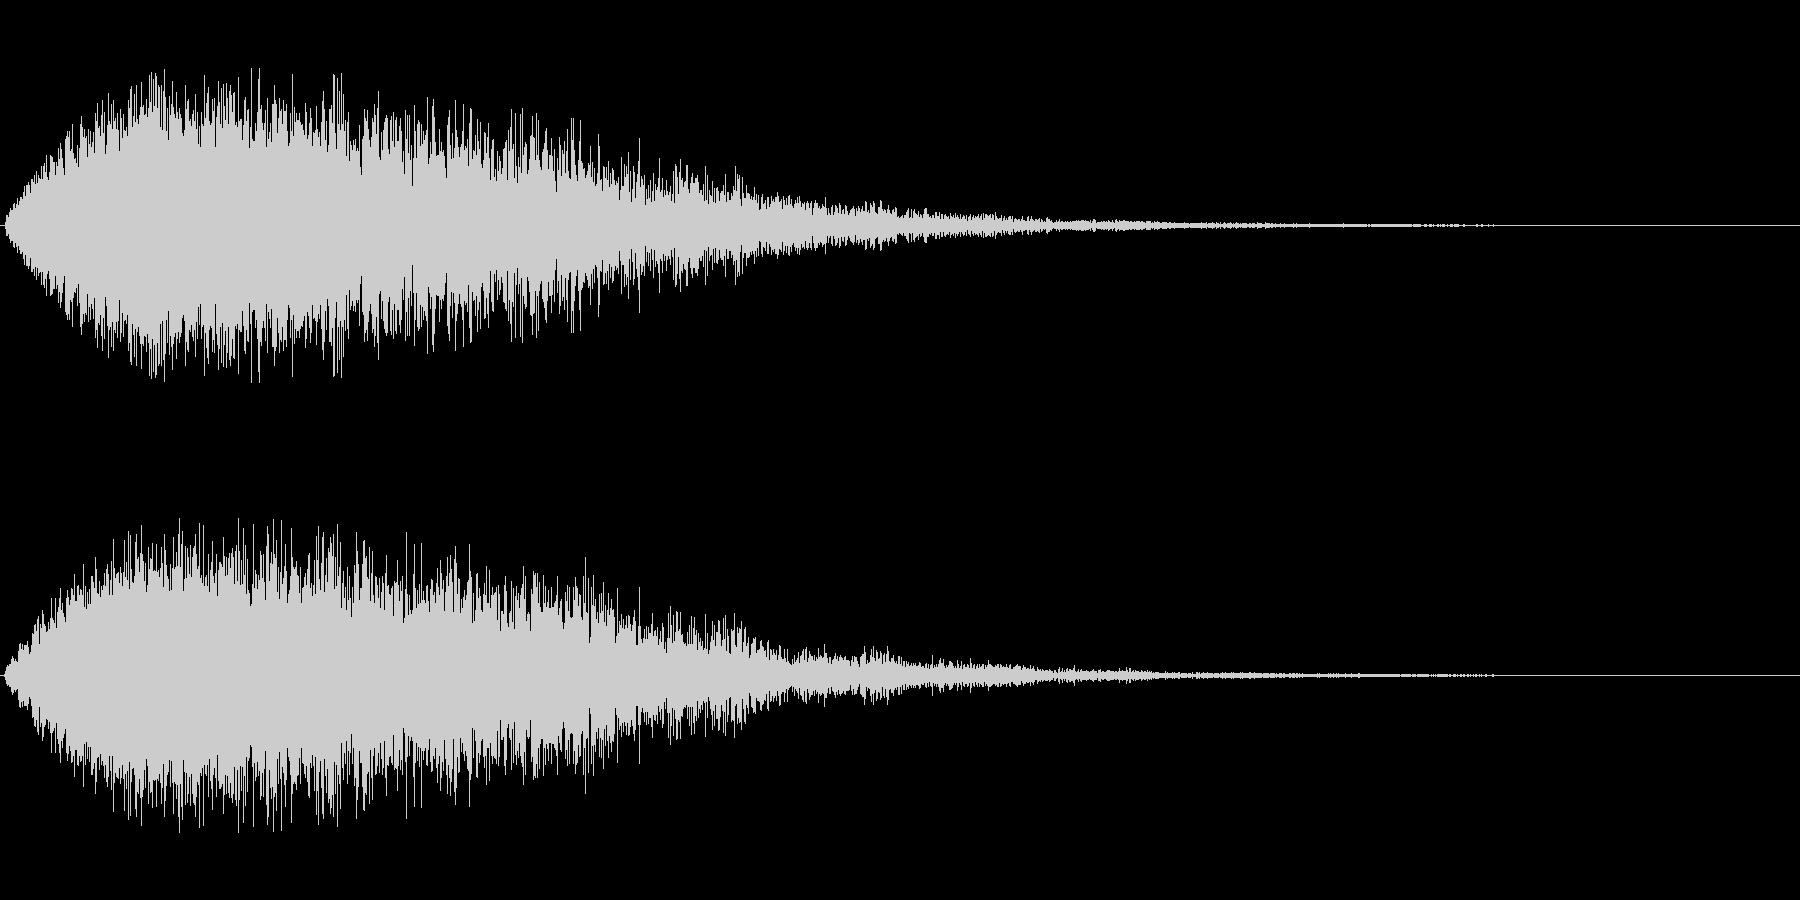 キラキラ(徐々に降下)の未再生の波形